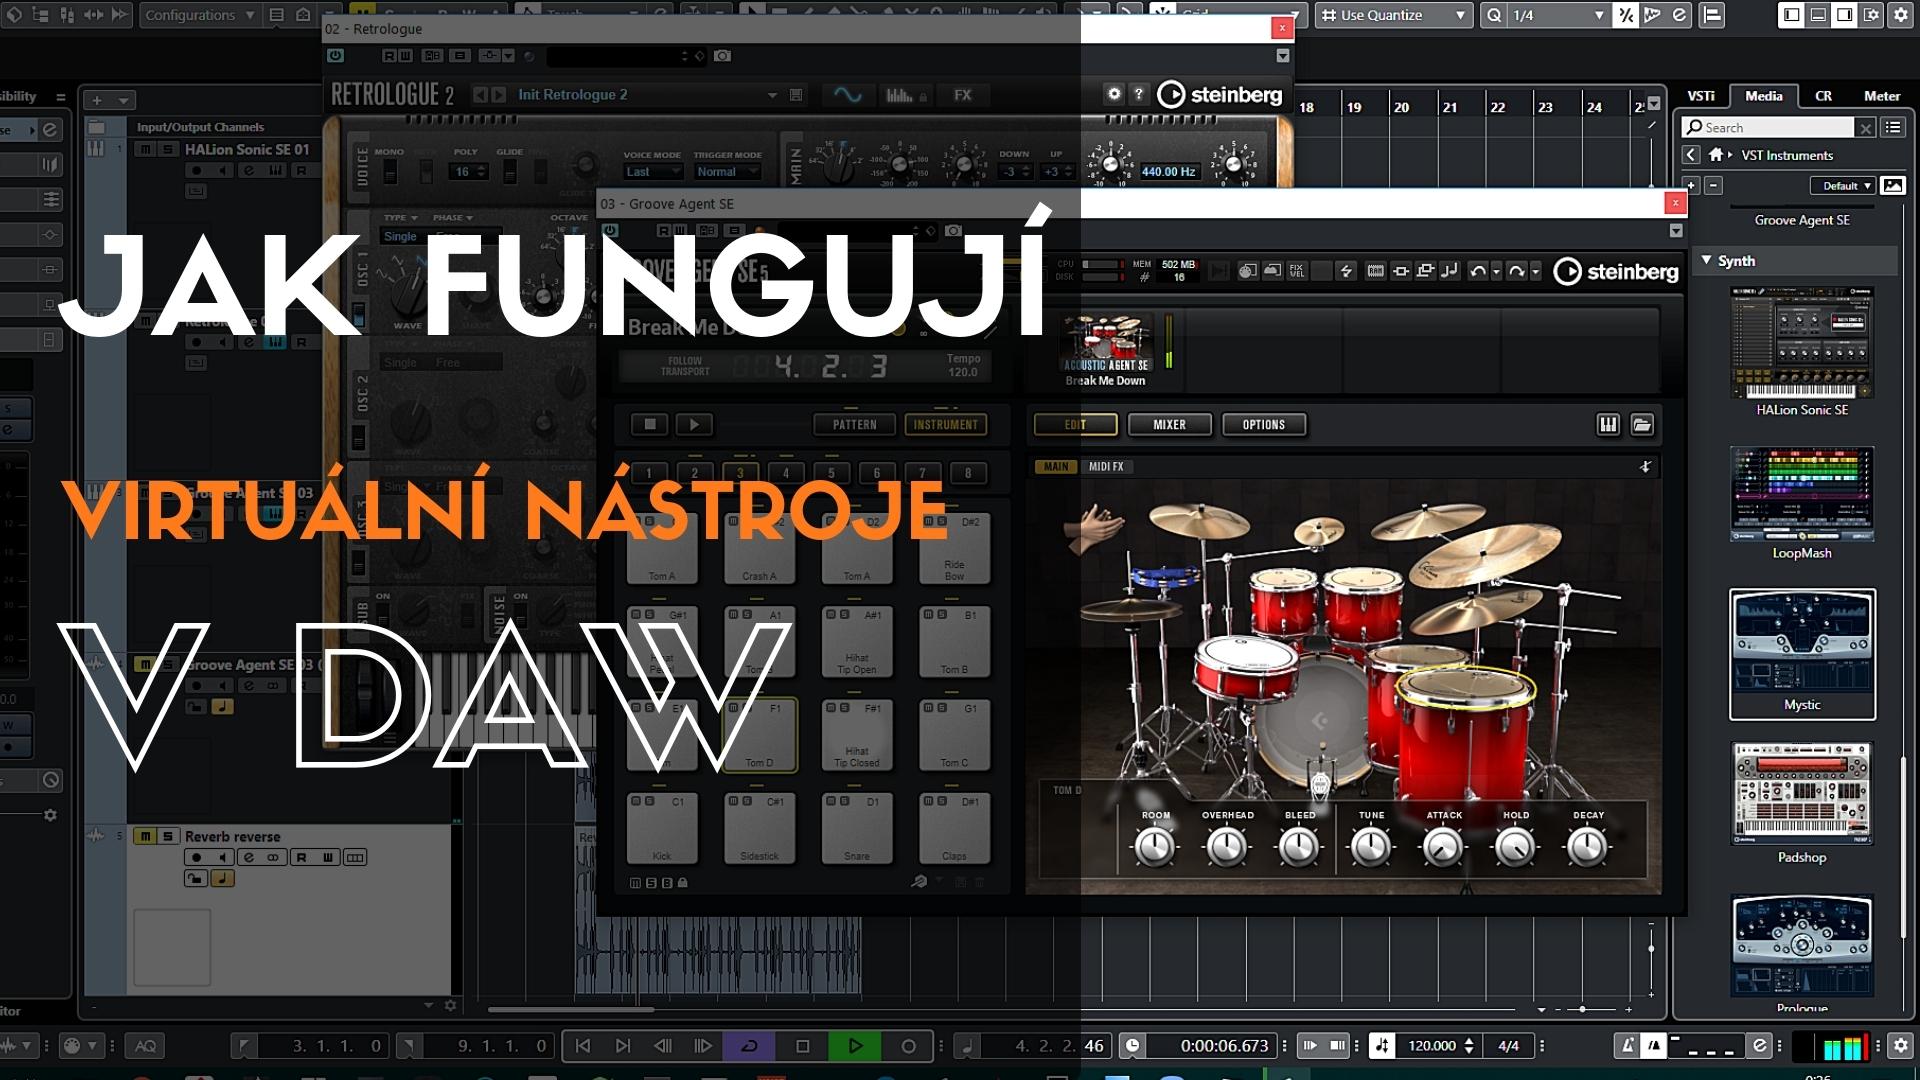 Jak fungují virtuální nástroje v DAW